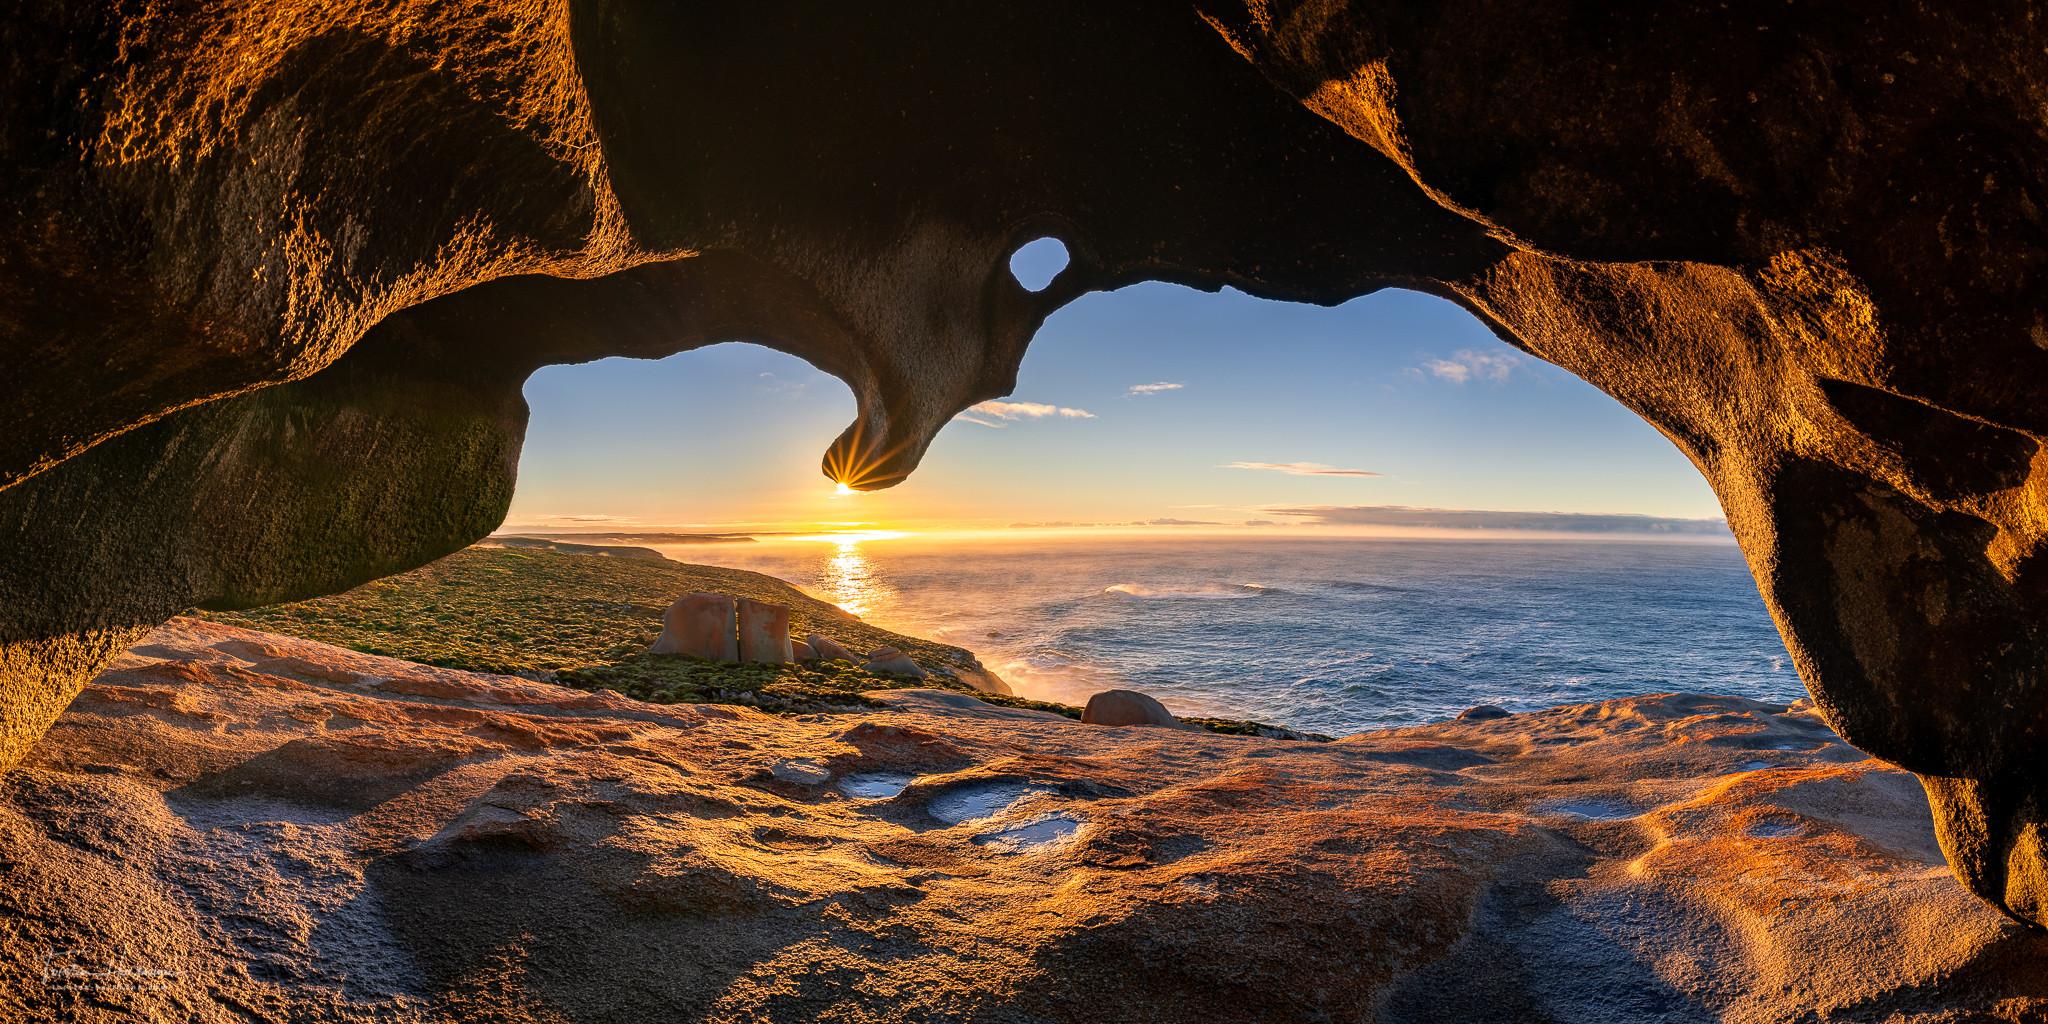 Remarkable Rocks (Australia)